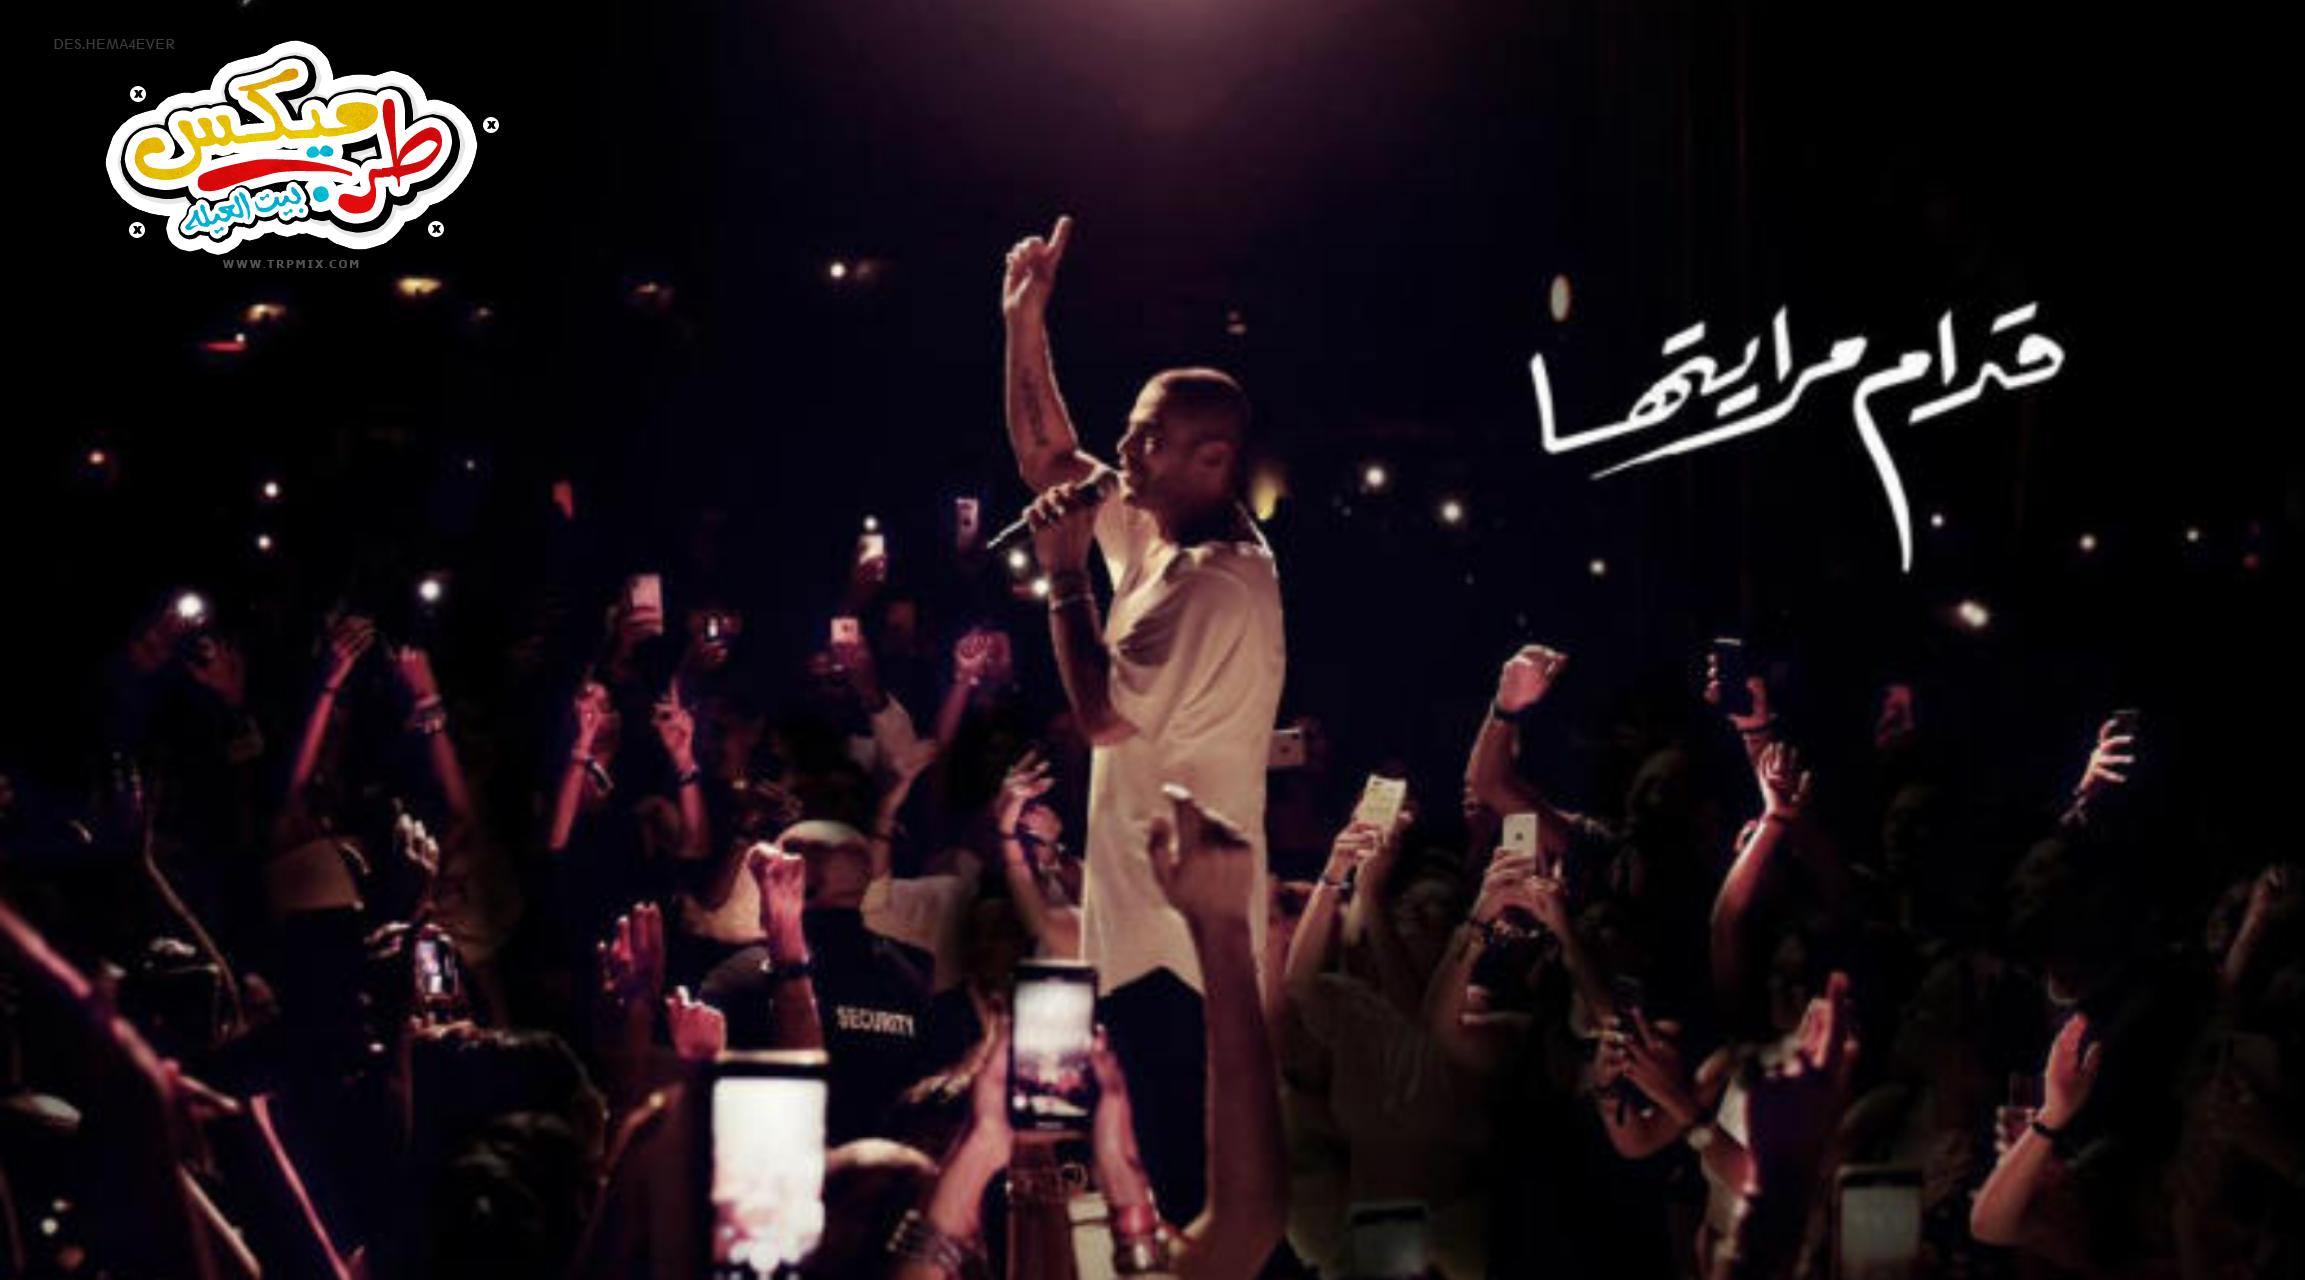 اغنية قدام مرايتها عمرو دياب